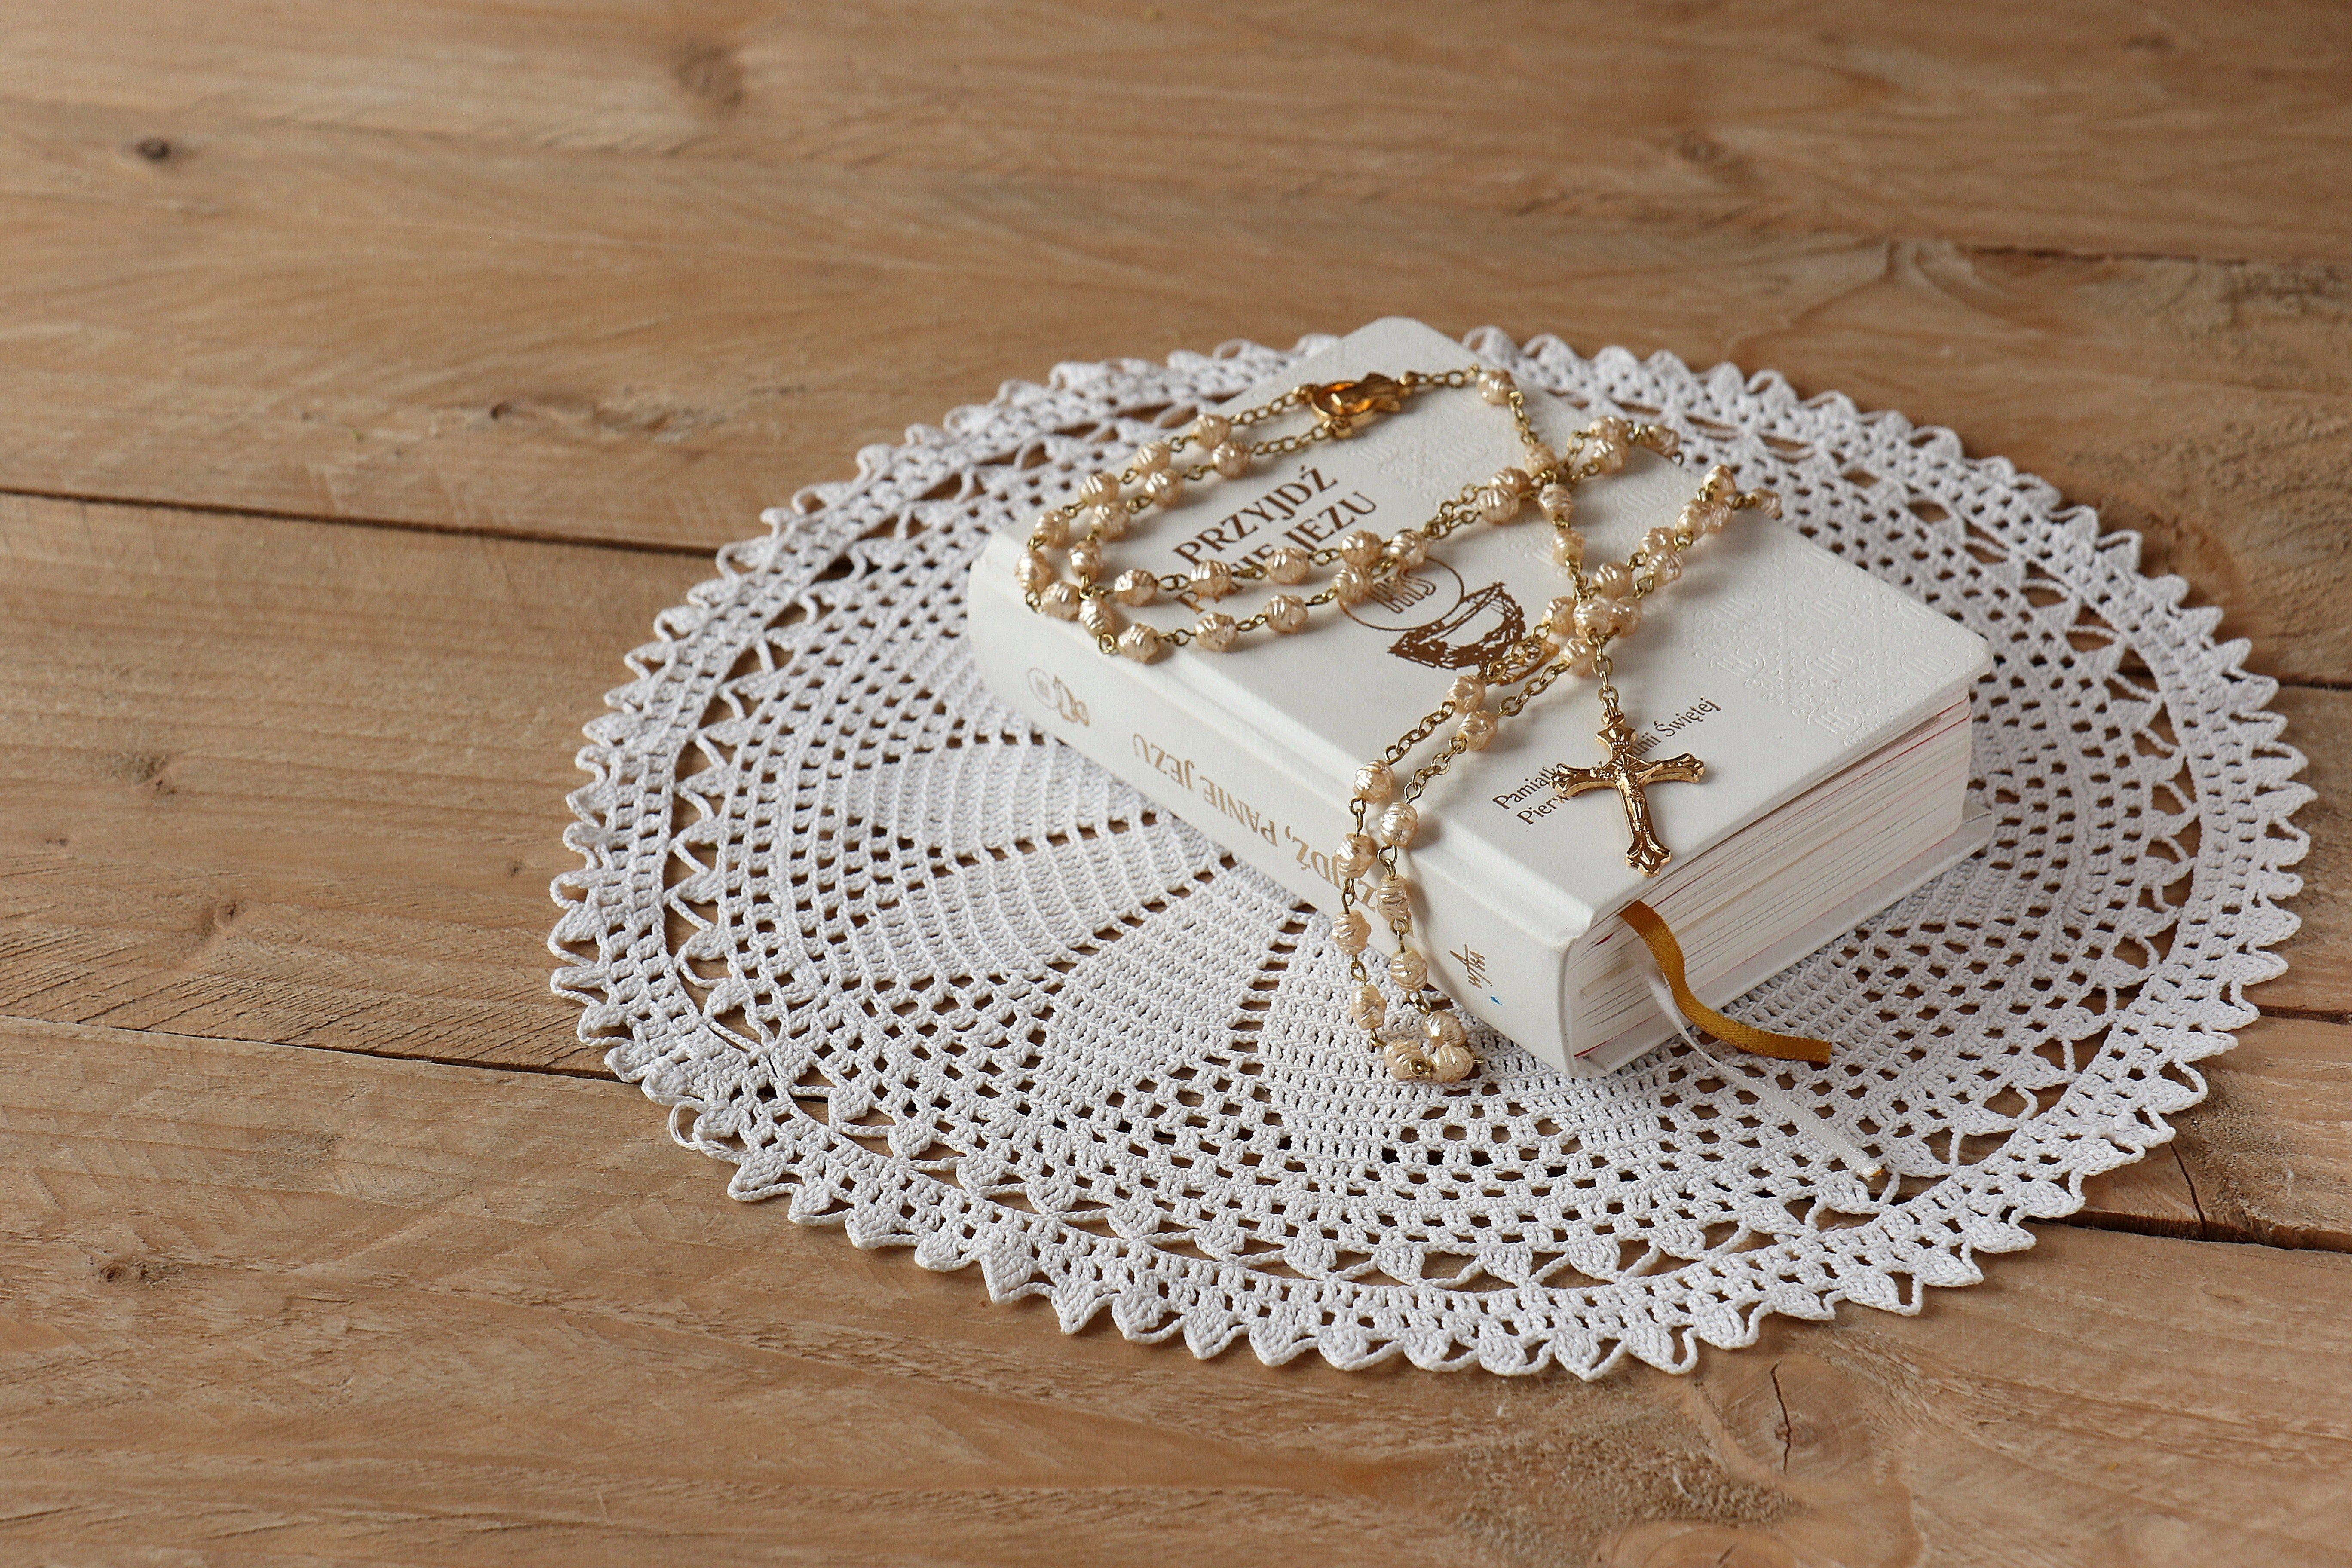 Biblia y rosario. Fuente: Pexels